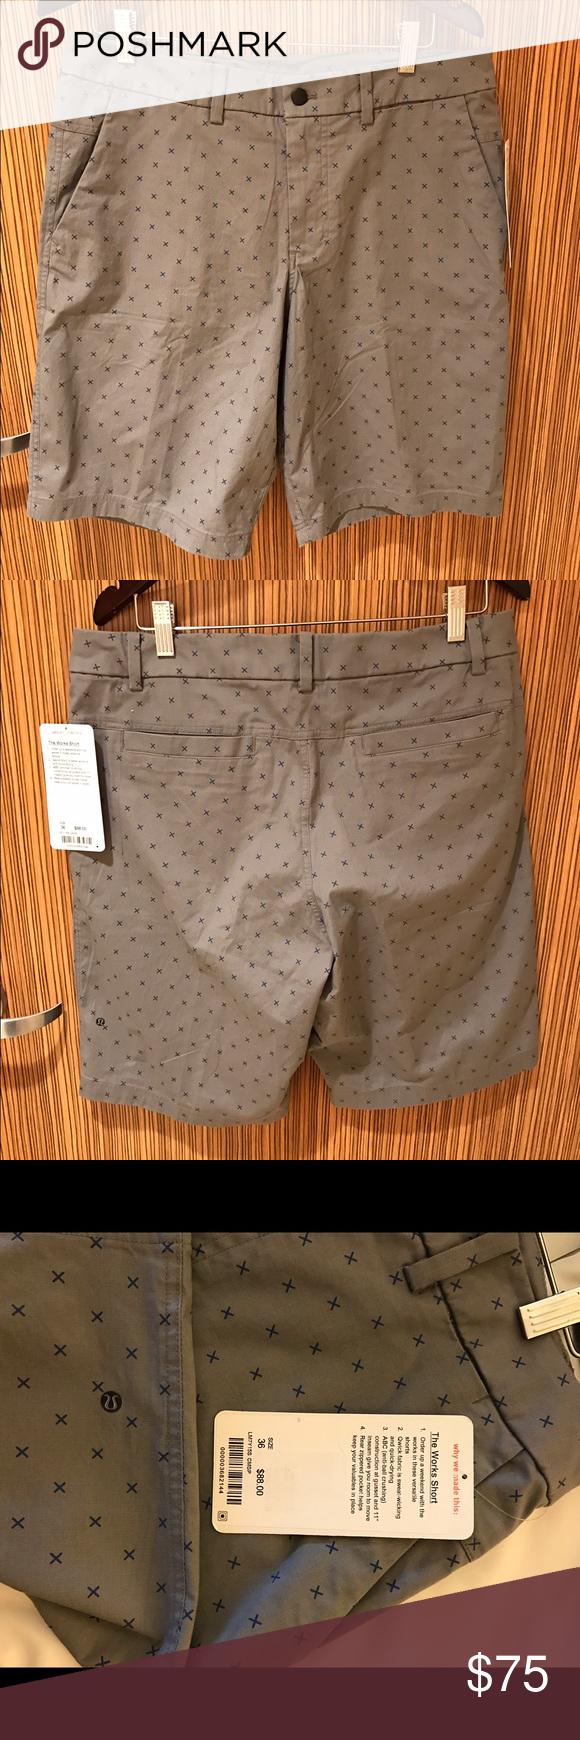 NWT - Lululemon 'The Works Shorts' Men's Size 36 Lululemon's 'The Works' Shorts.  Men's size 36. Brand new with tags!! lululemon athletica Shorts Flat Front